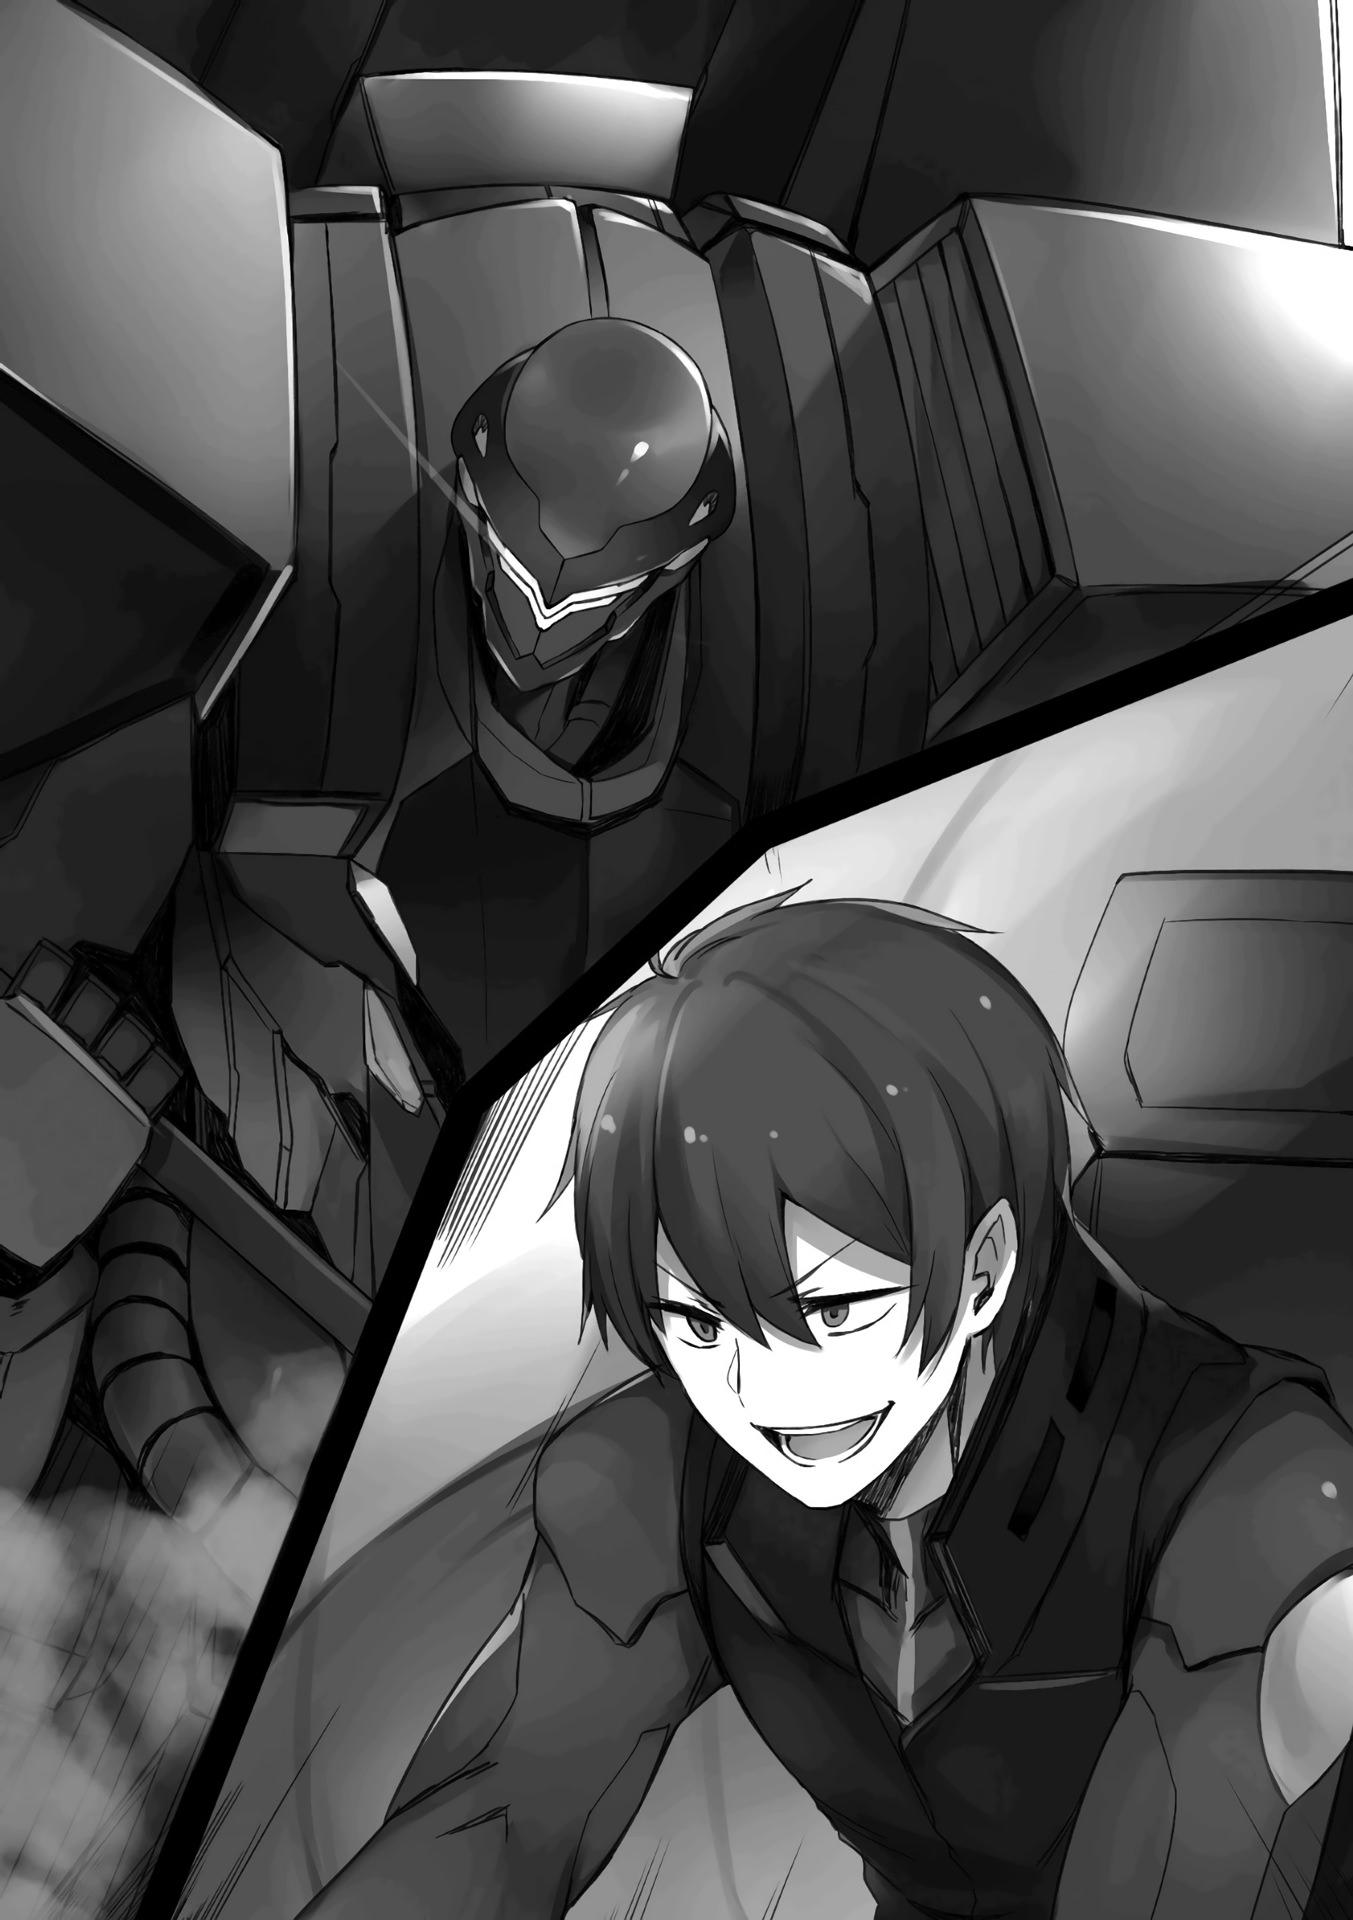 Otome Game Sekai wa Mob ni Kibishii Sekai desu - Zerochan Anime